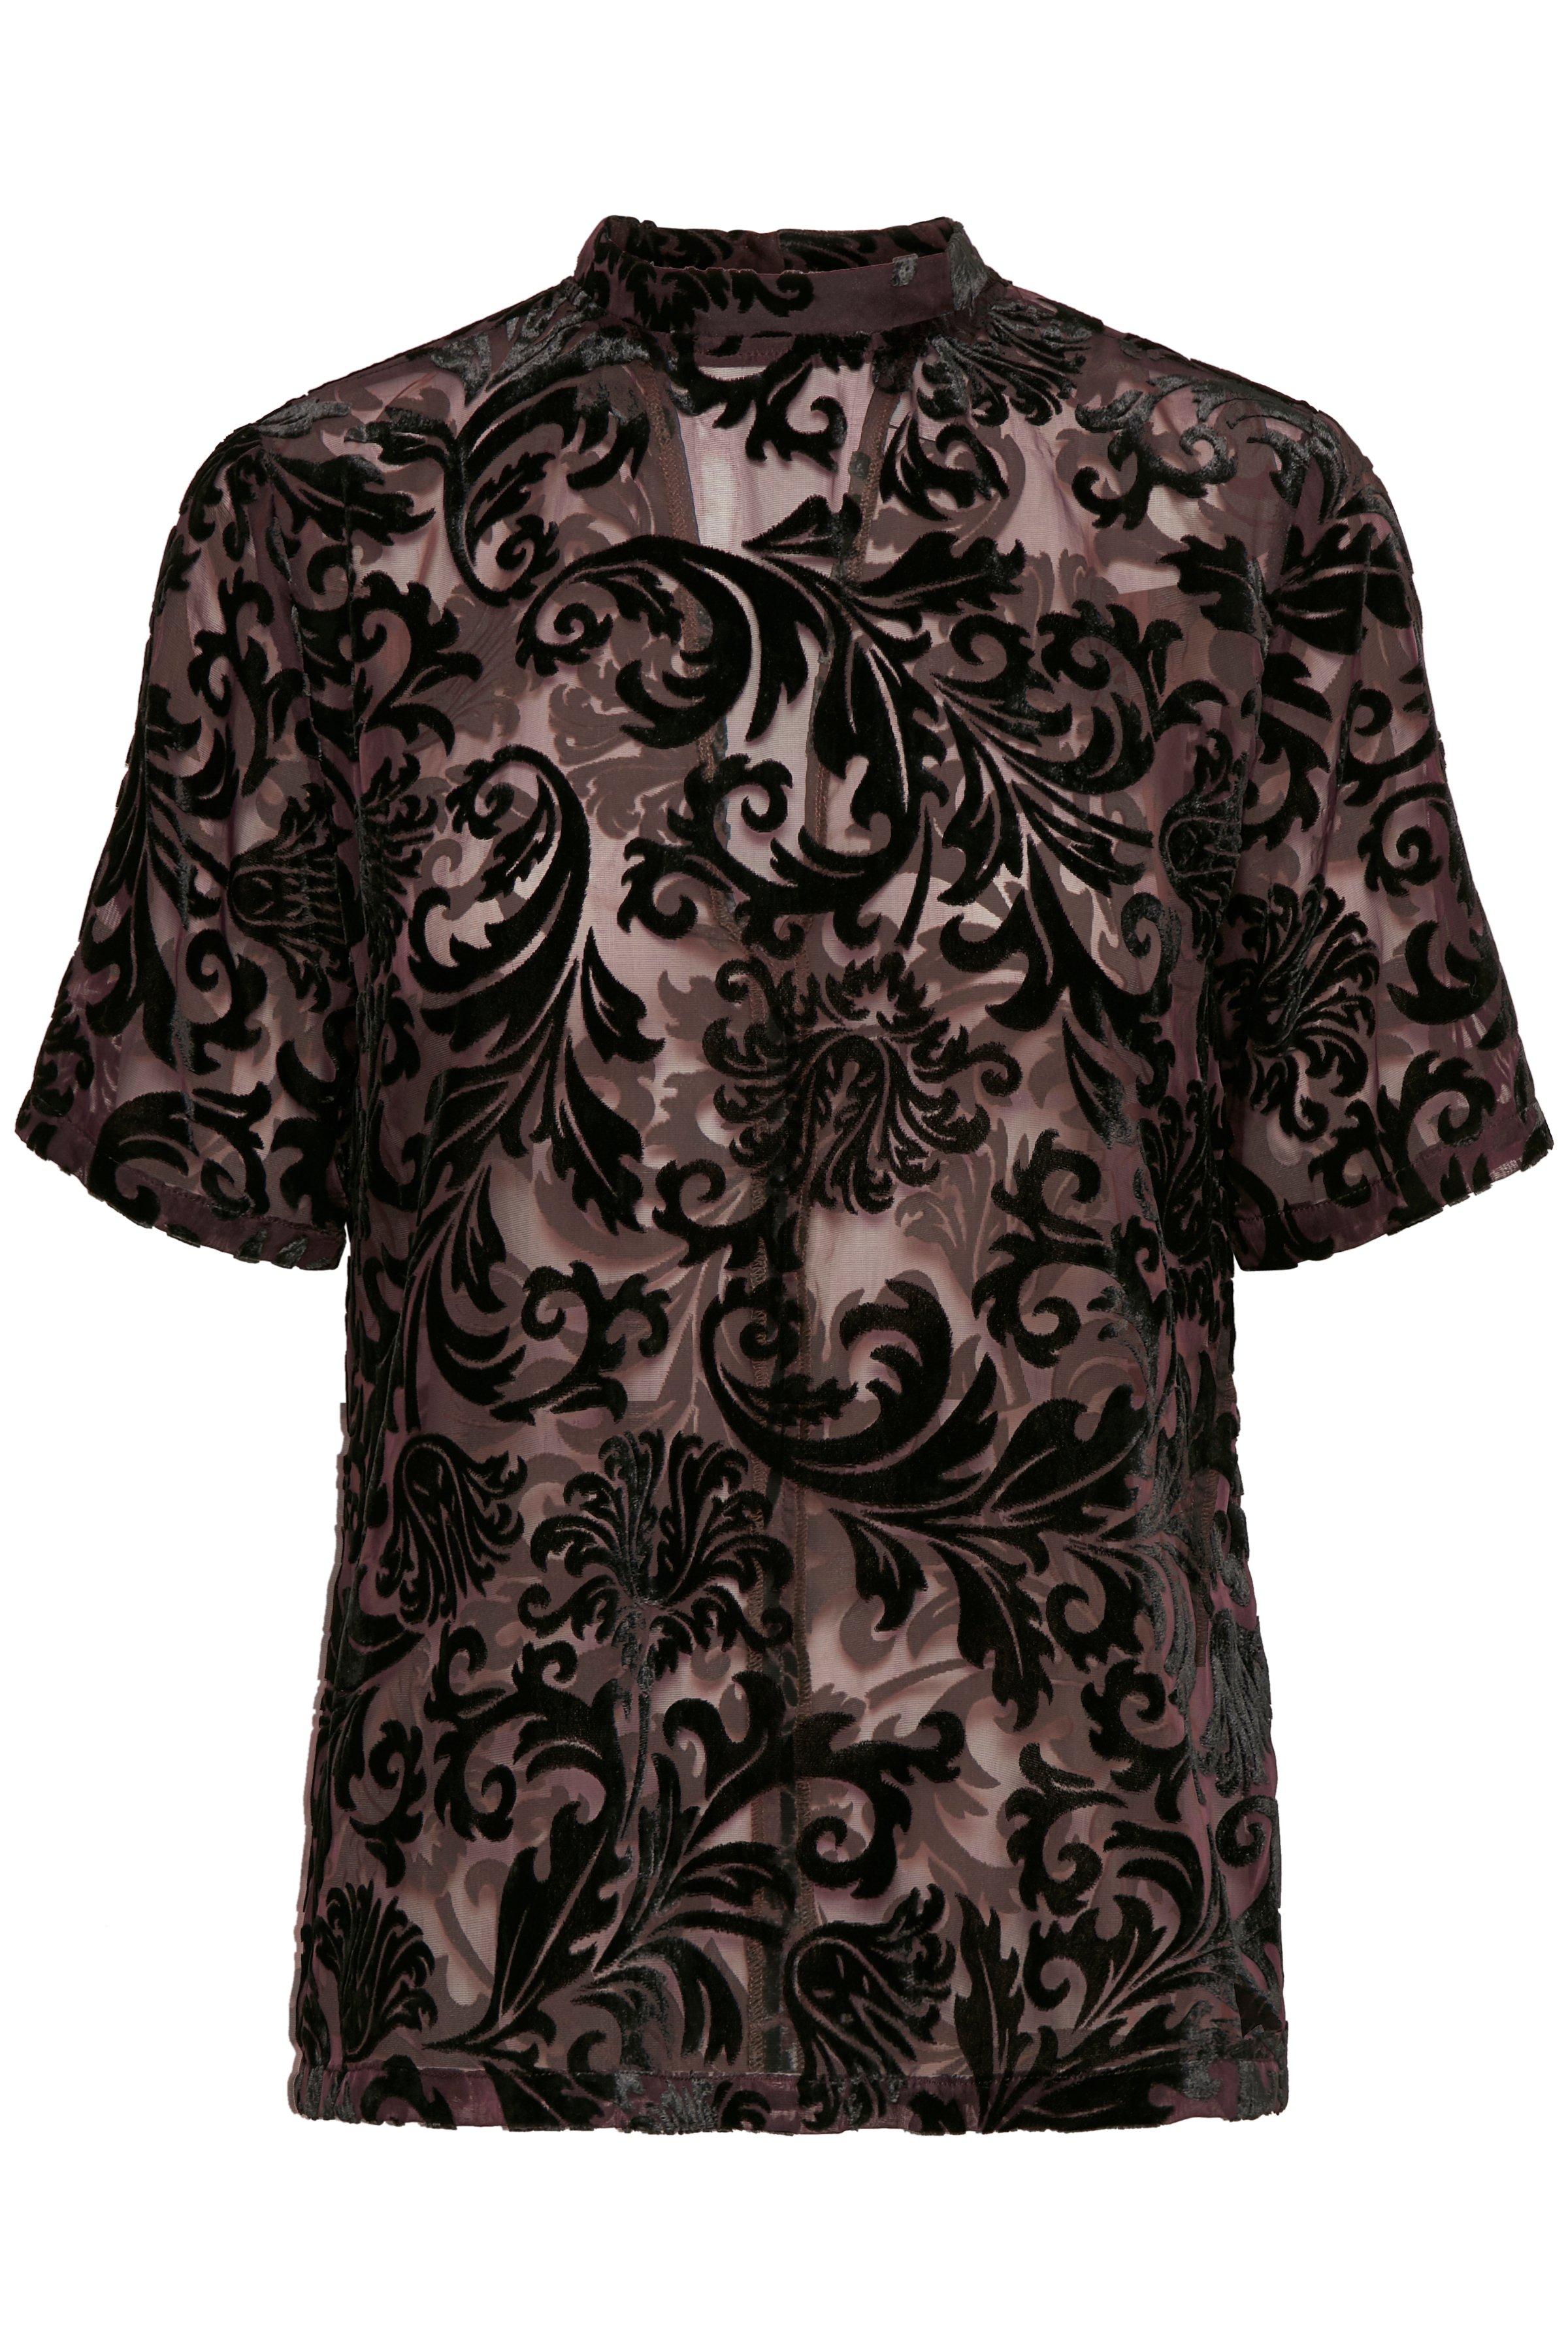 Bordeaux Kortærmet bluse fra b.young – Køb Bordeaux Kortærmet bluse fra str. 34-46 her